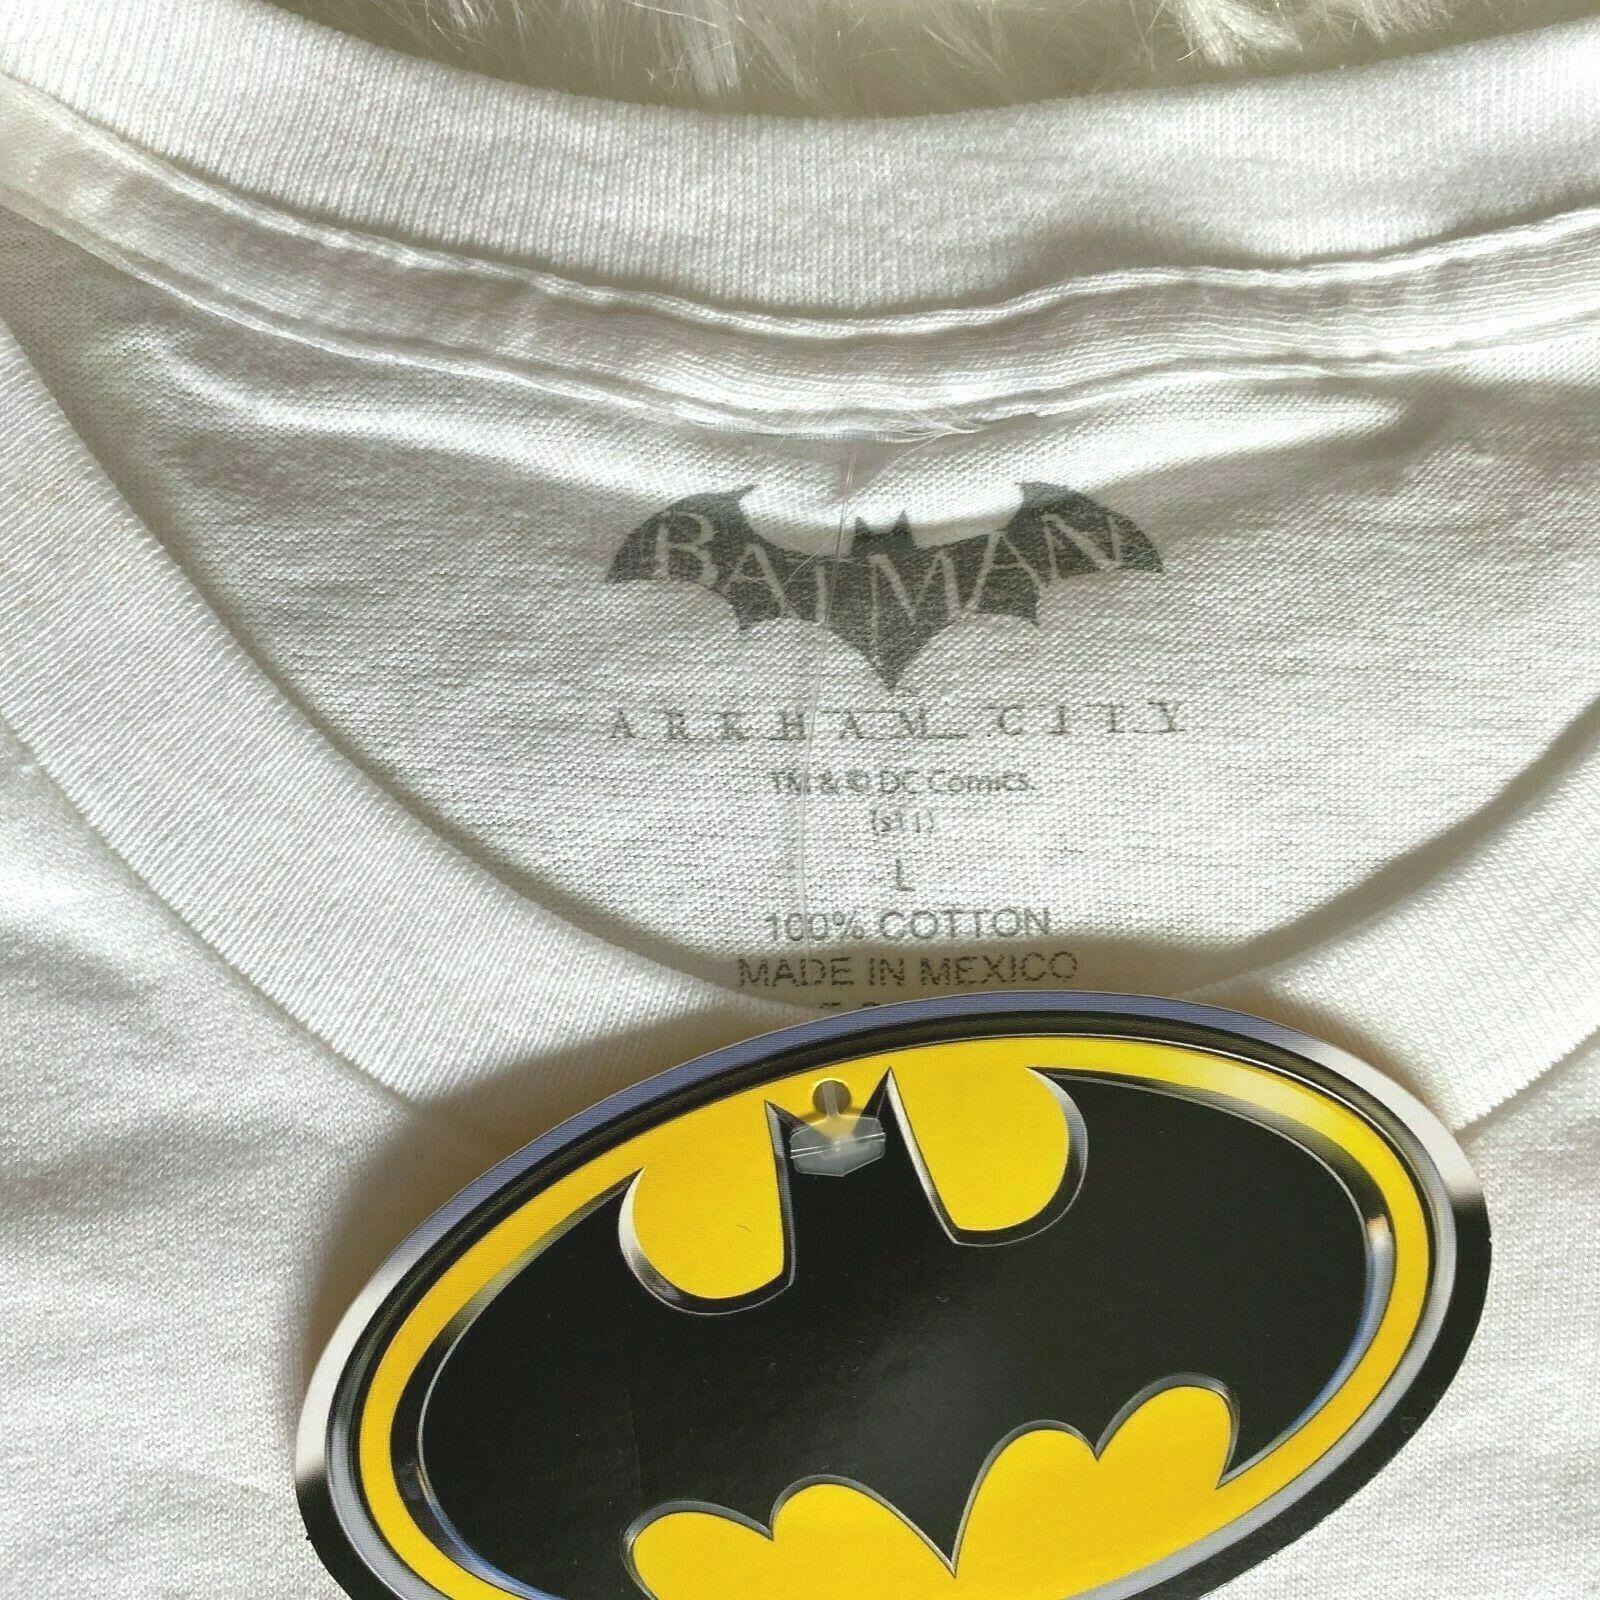 Batman Arkham City 10-18-11 Promotional Promo T-Shirt Large Xbox 360 Wii U - $22.49